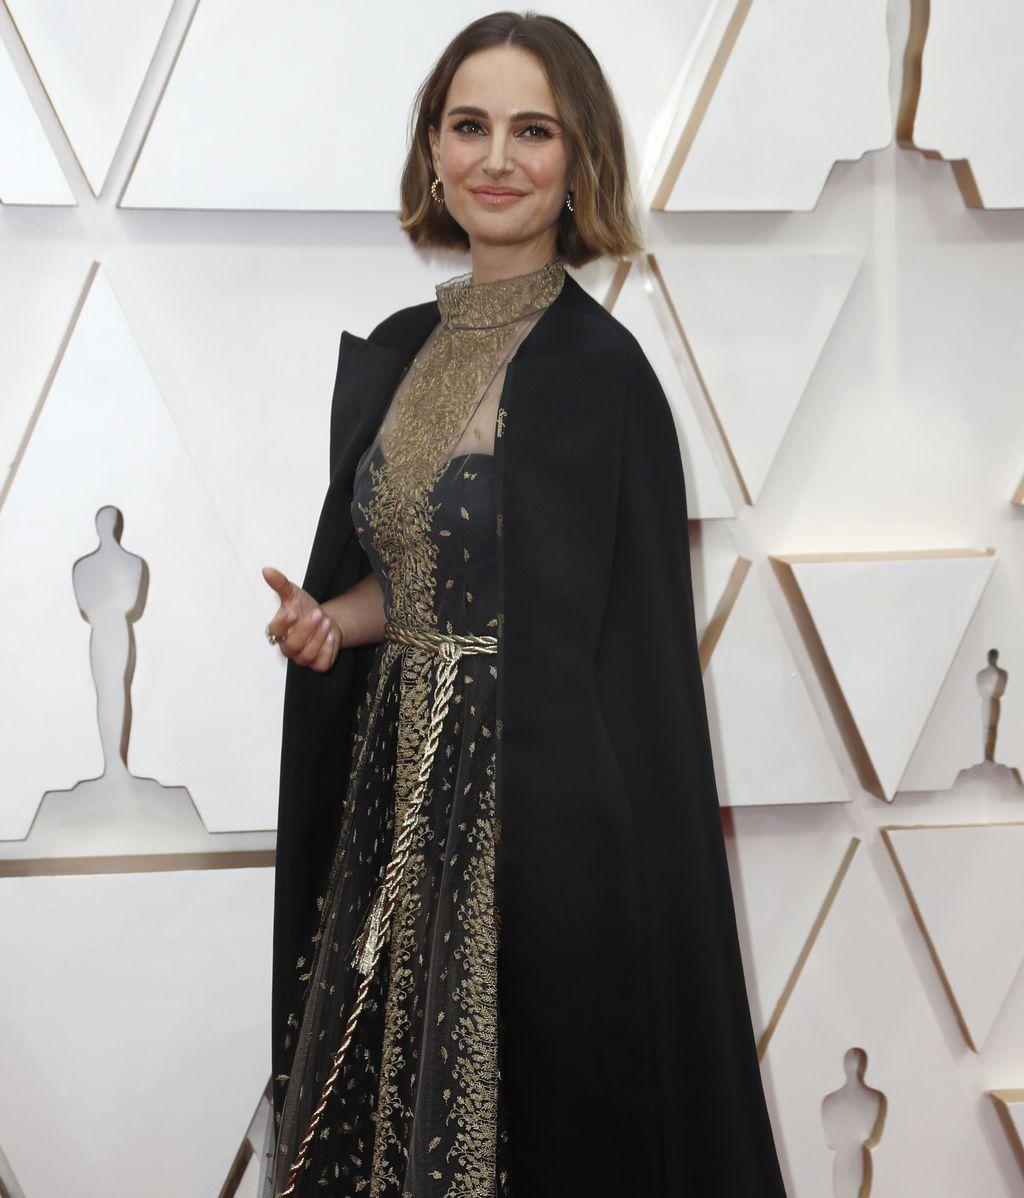 Natalie Portman posa en la alfombra roja de los Premios Óscar 2020